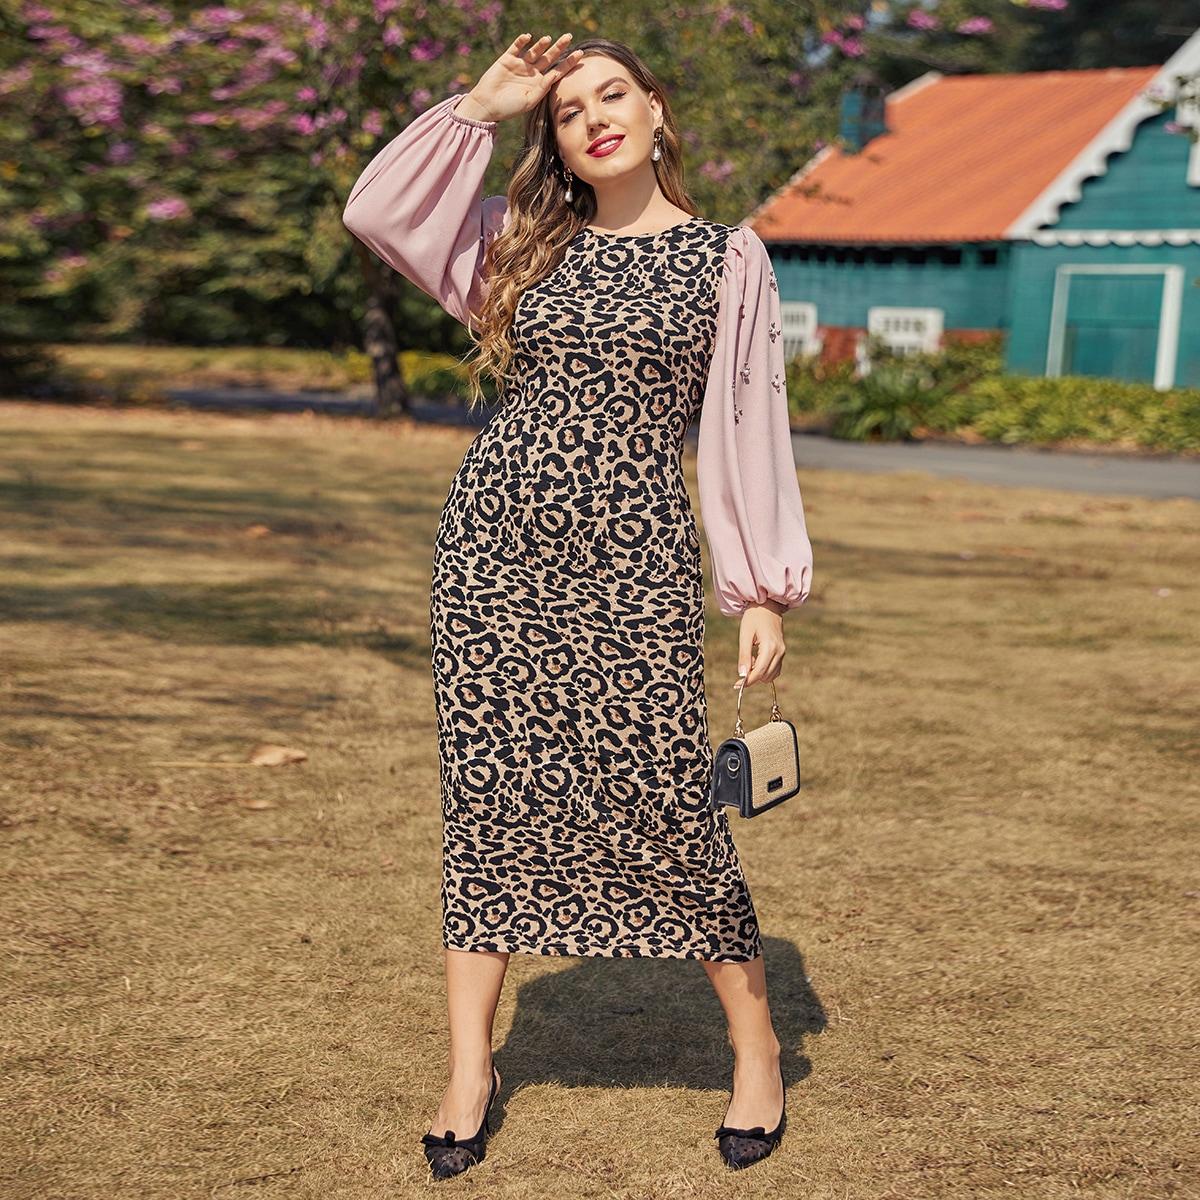 Контрастное платье размера плюс с рукавами фонариками и леопардовым принтом